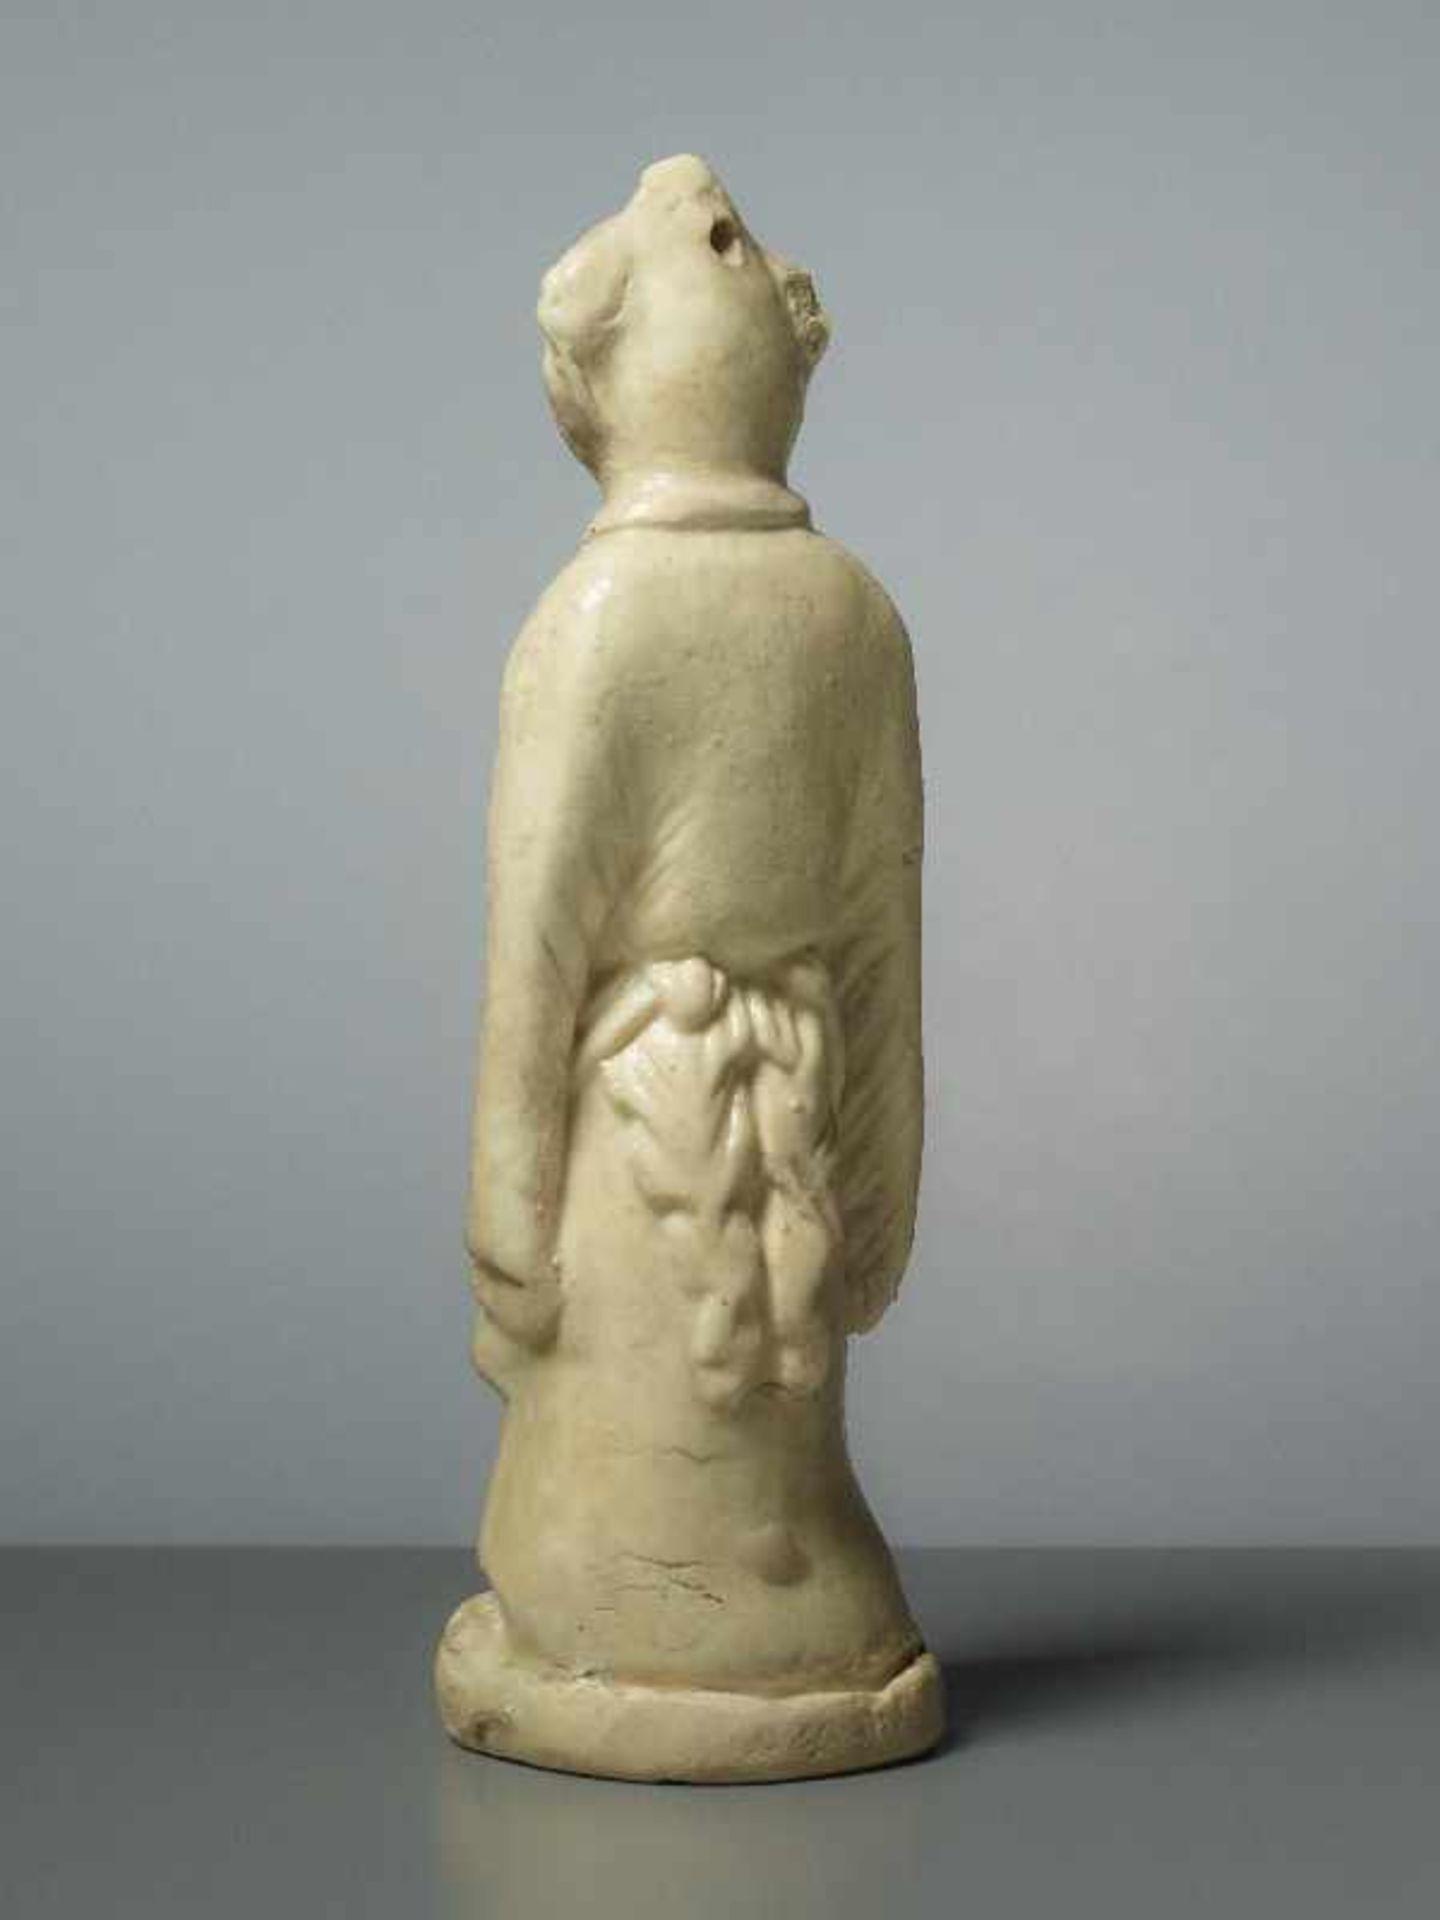 FIGUR EINES GLÜCKSKNABEN Glasierte Keramik. China, Song, ungefähr 12. Jh. Ein Knabe in - Image 3 of 5